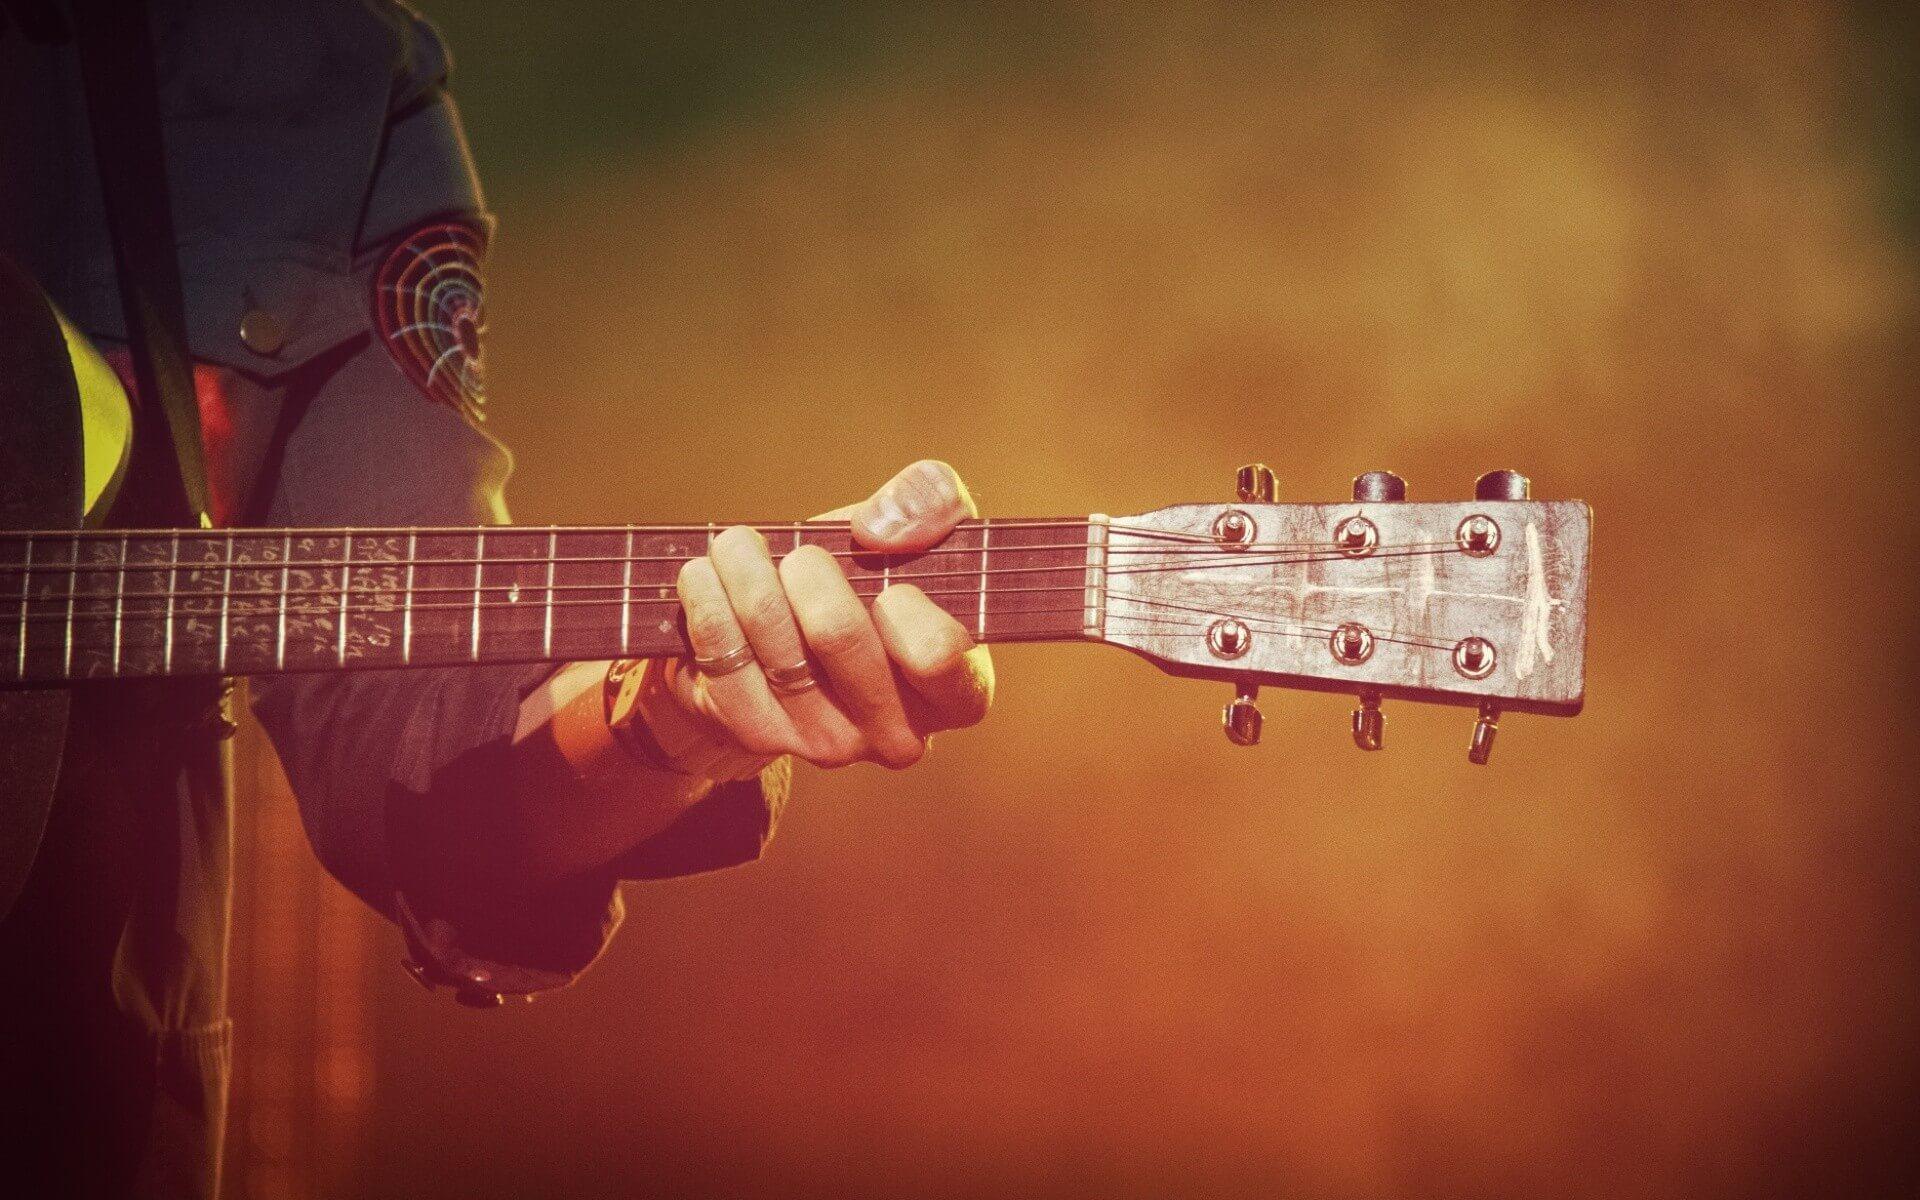 valg af guitar